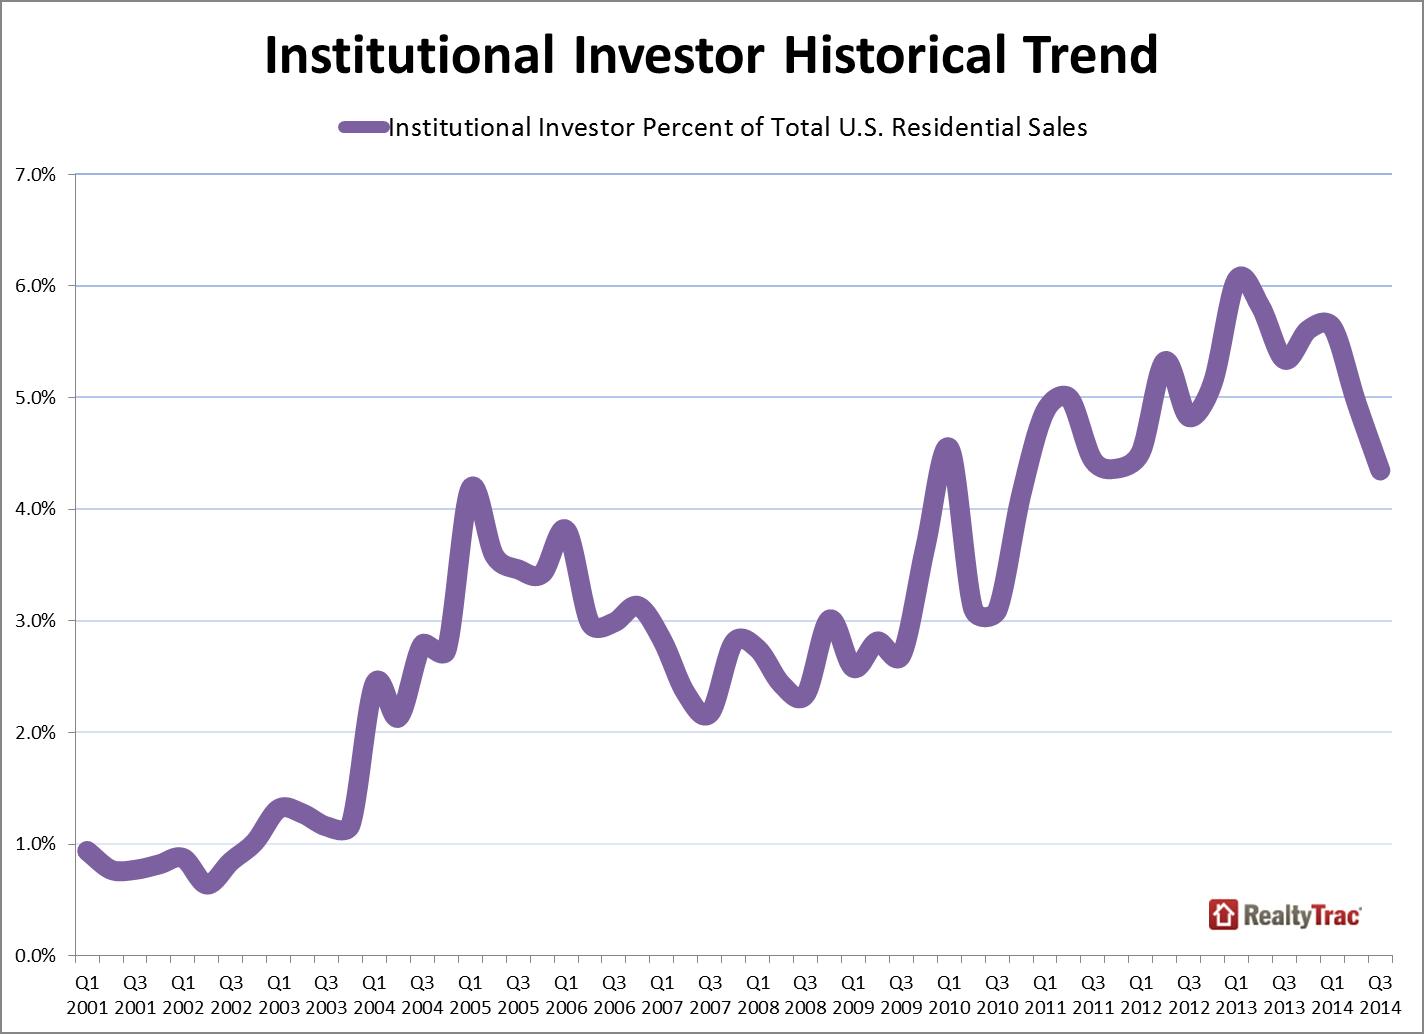 institutional_investor_trend_Q3_2014